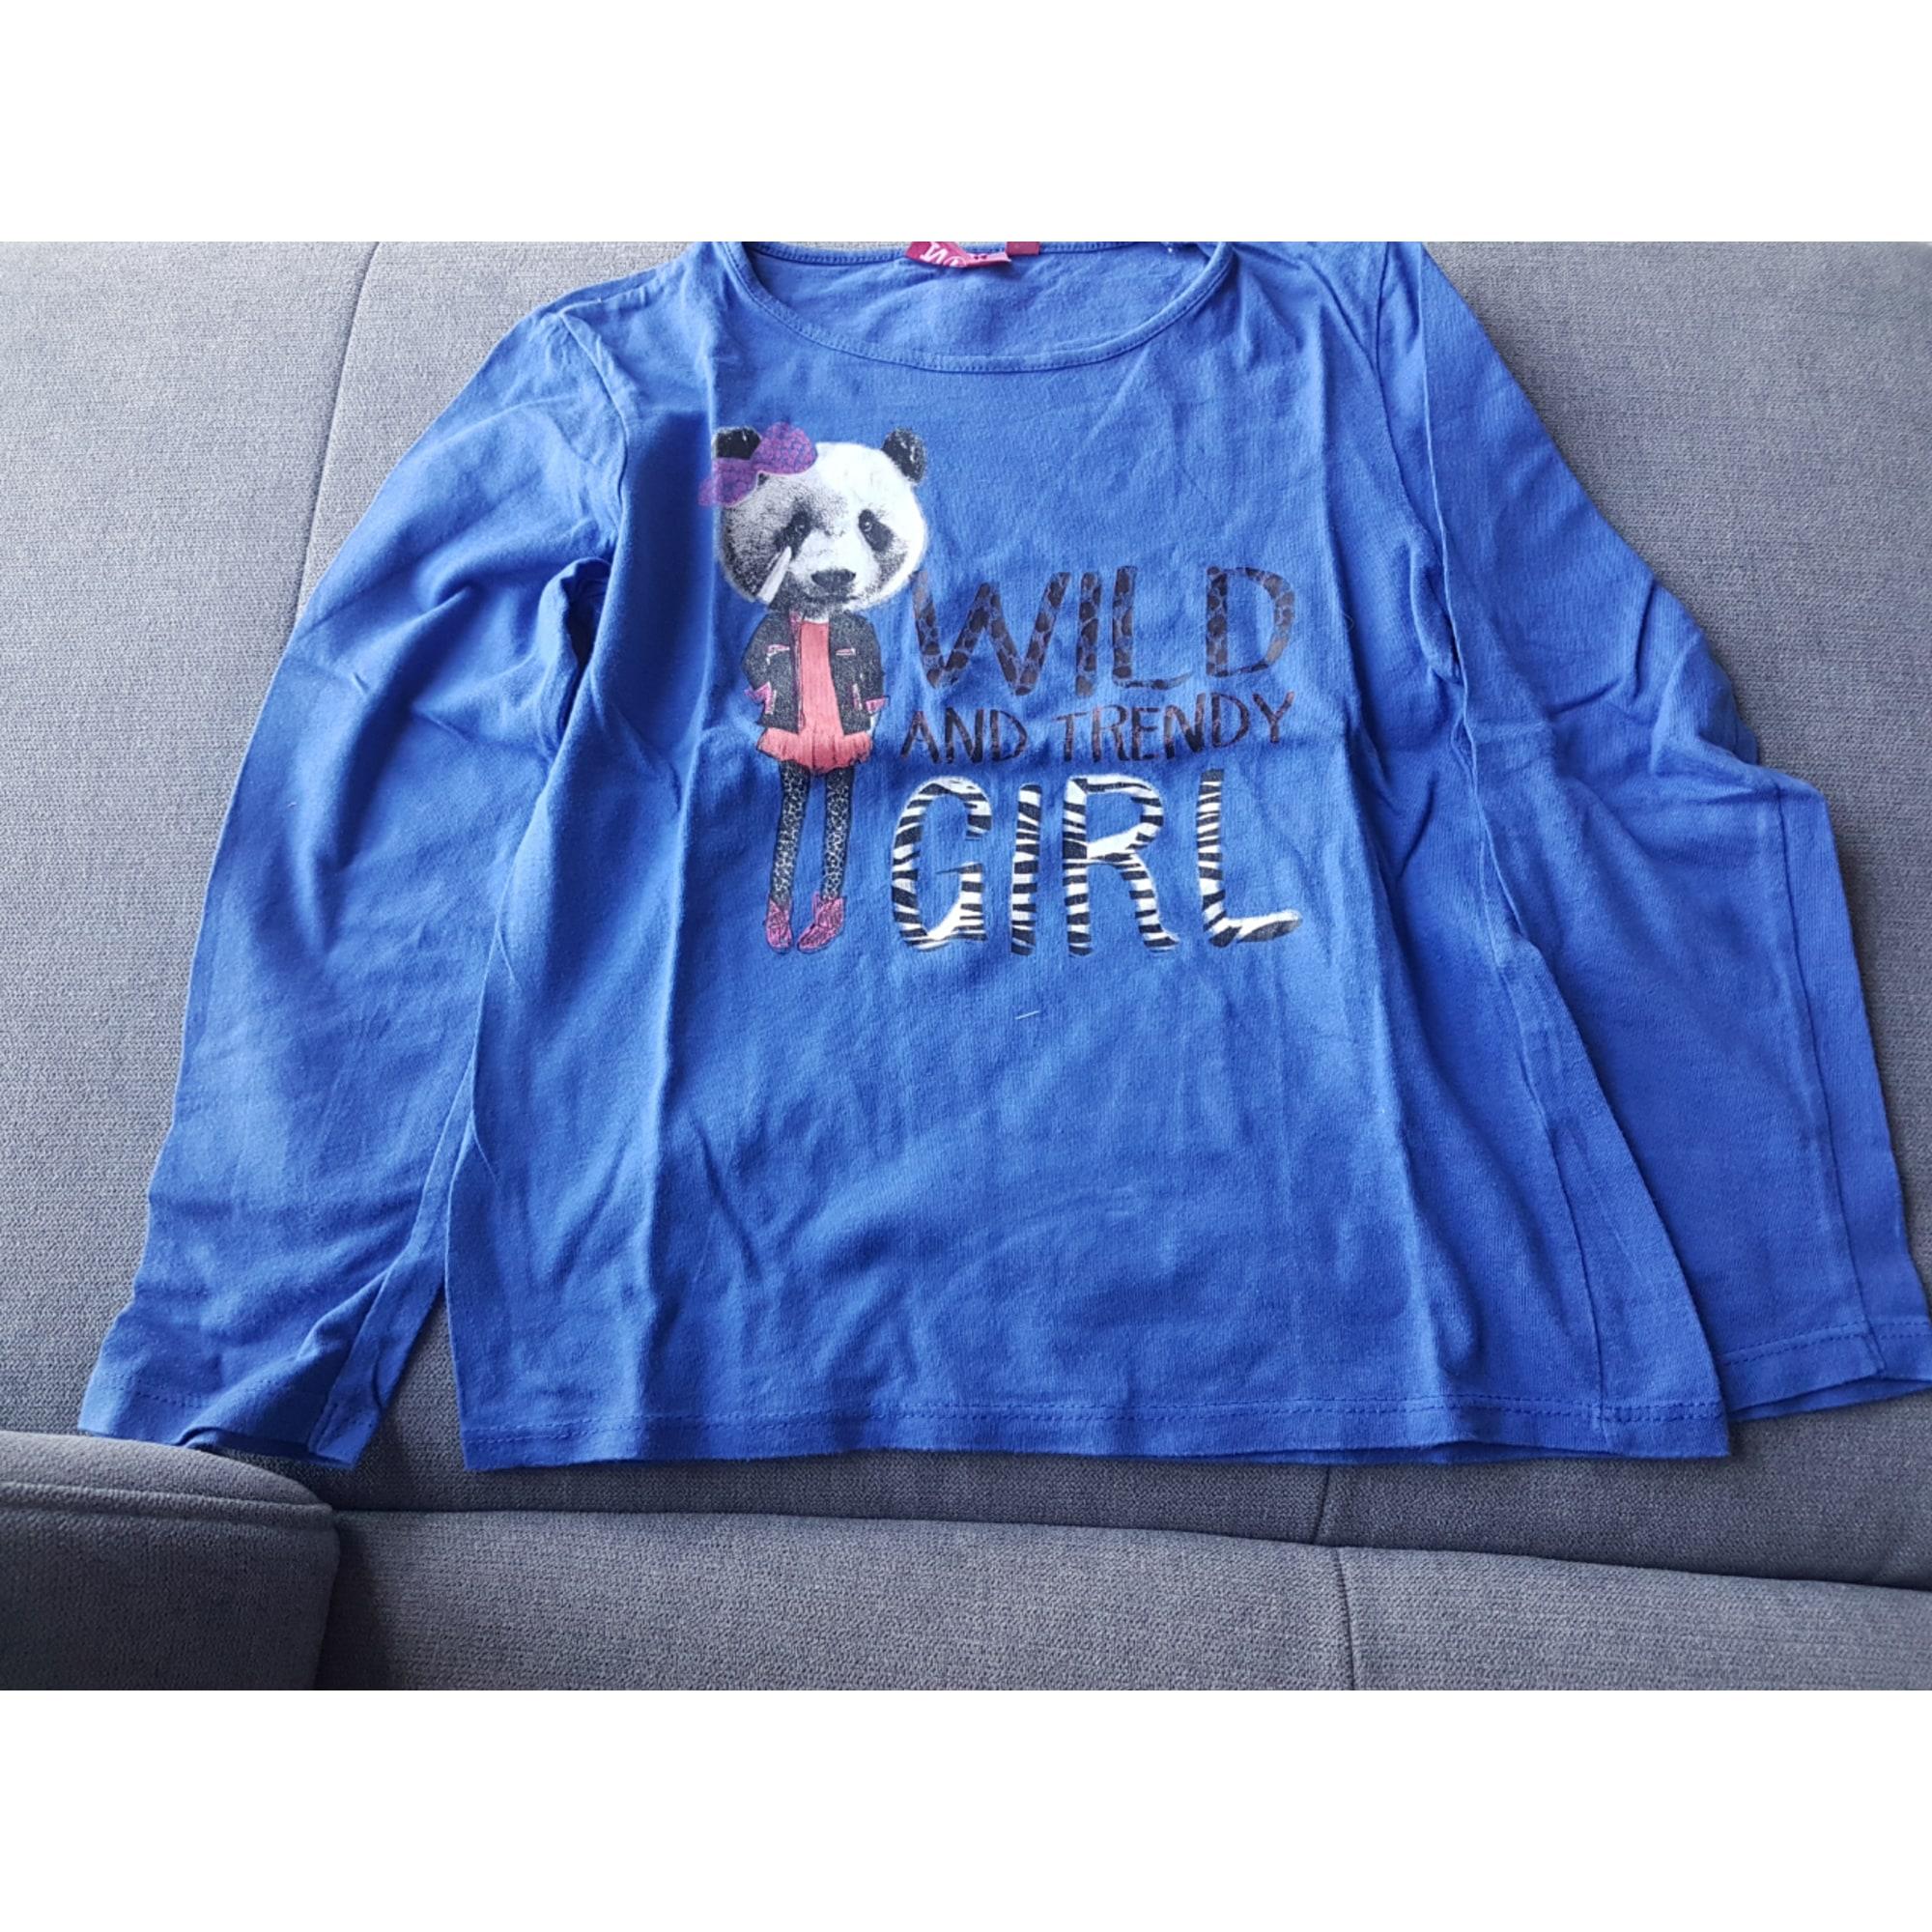 Top, Tee-shirt NKY Bleu, bleu marine, bleu turquoise